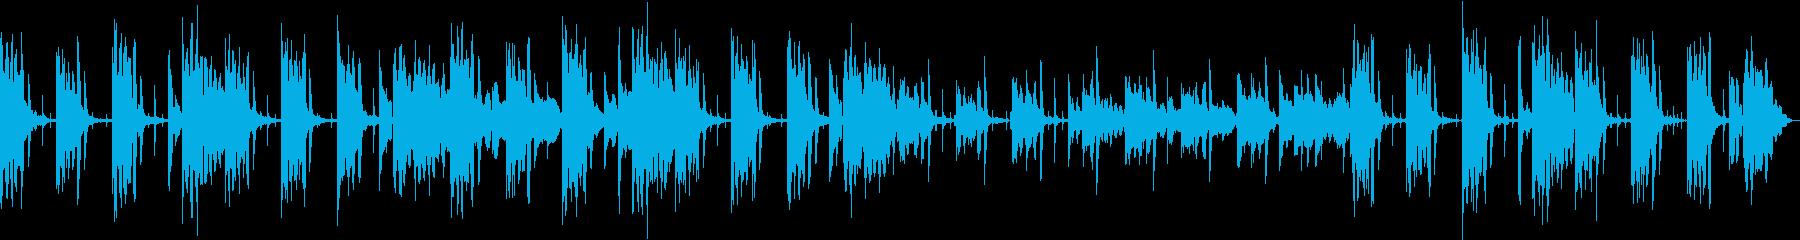 流行りのチルです、コーヒータイムな感じ!の再生済みの波形